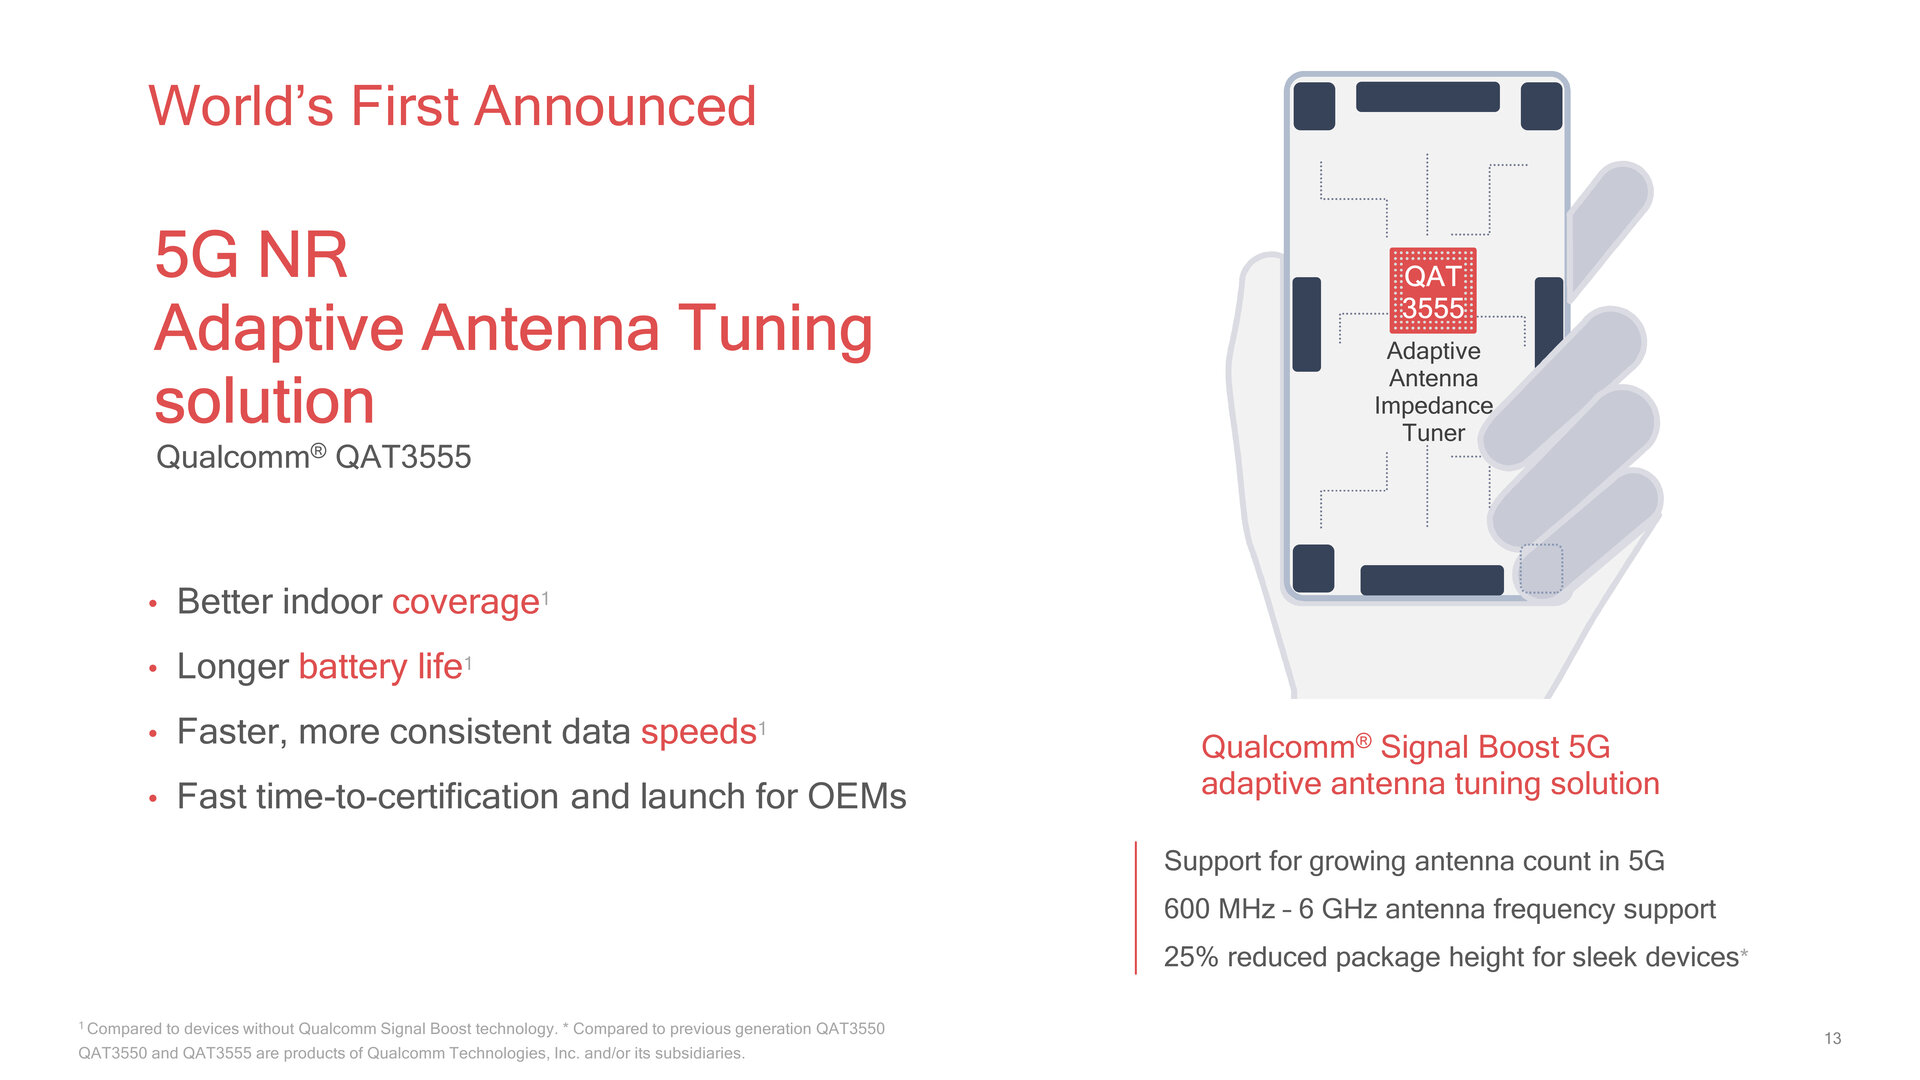 Der Antennentuner QAT3555 baut 25Prozent kleiner